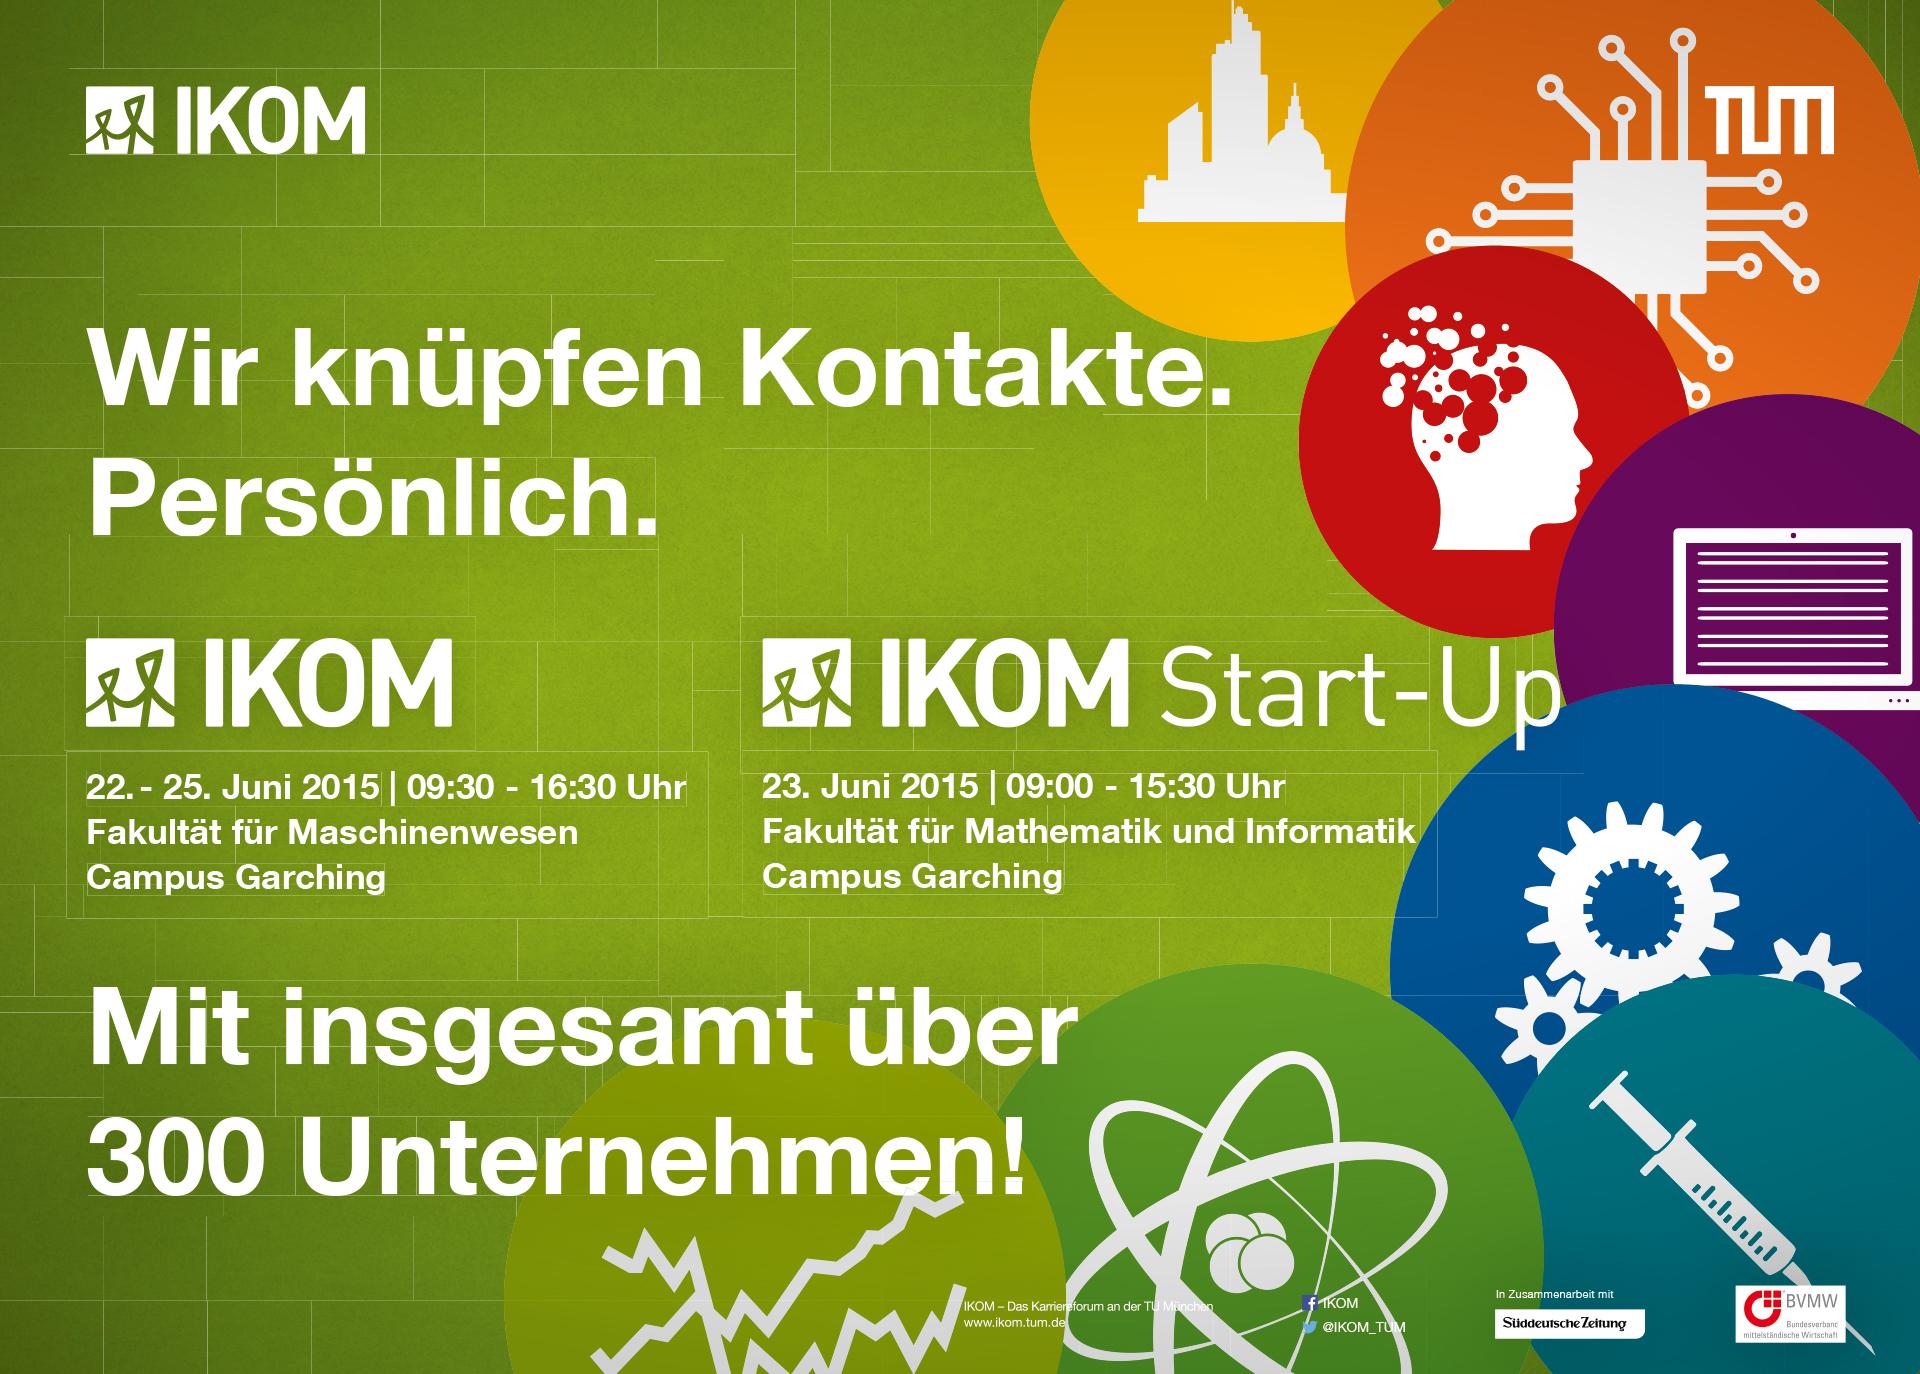 IKOM – Das Karriereforum an der TU München